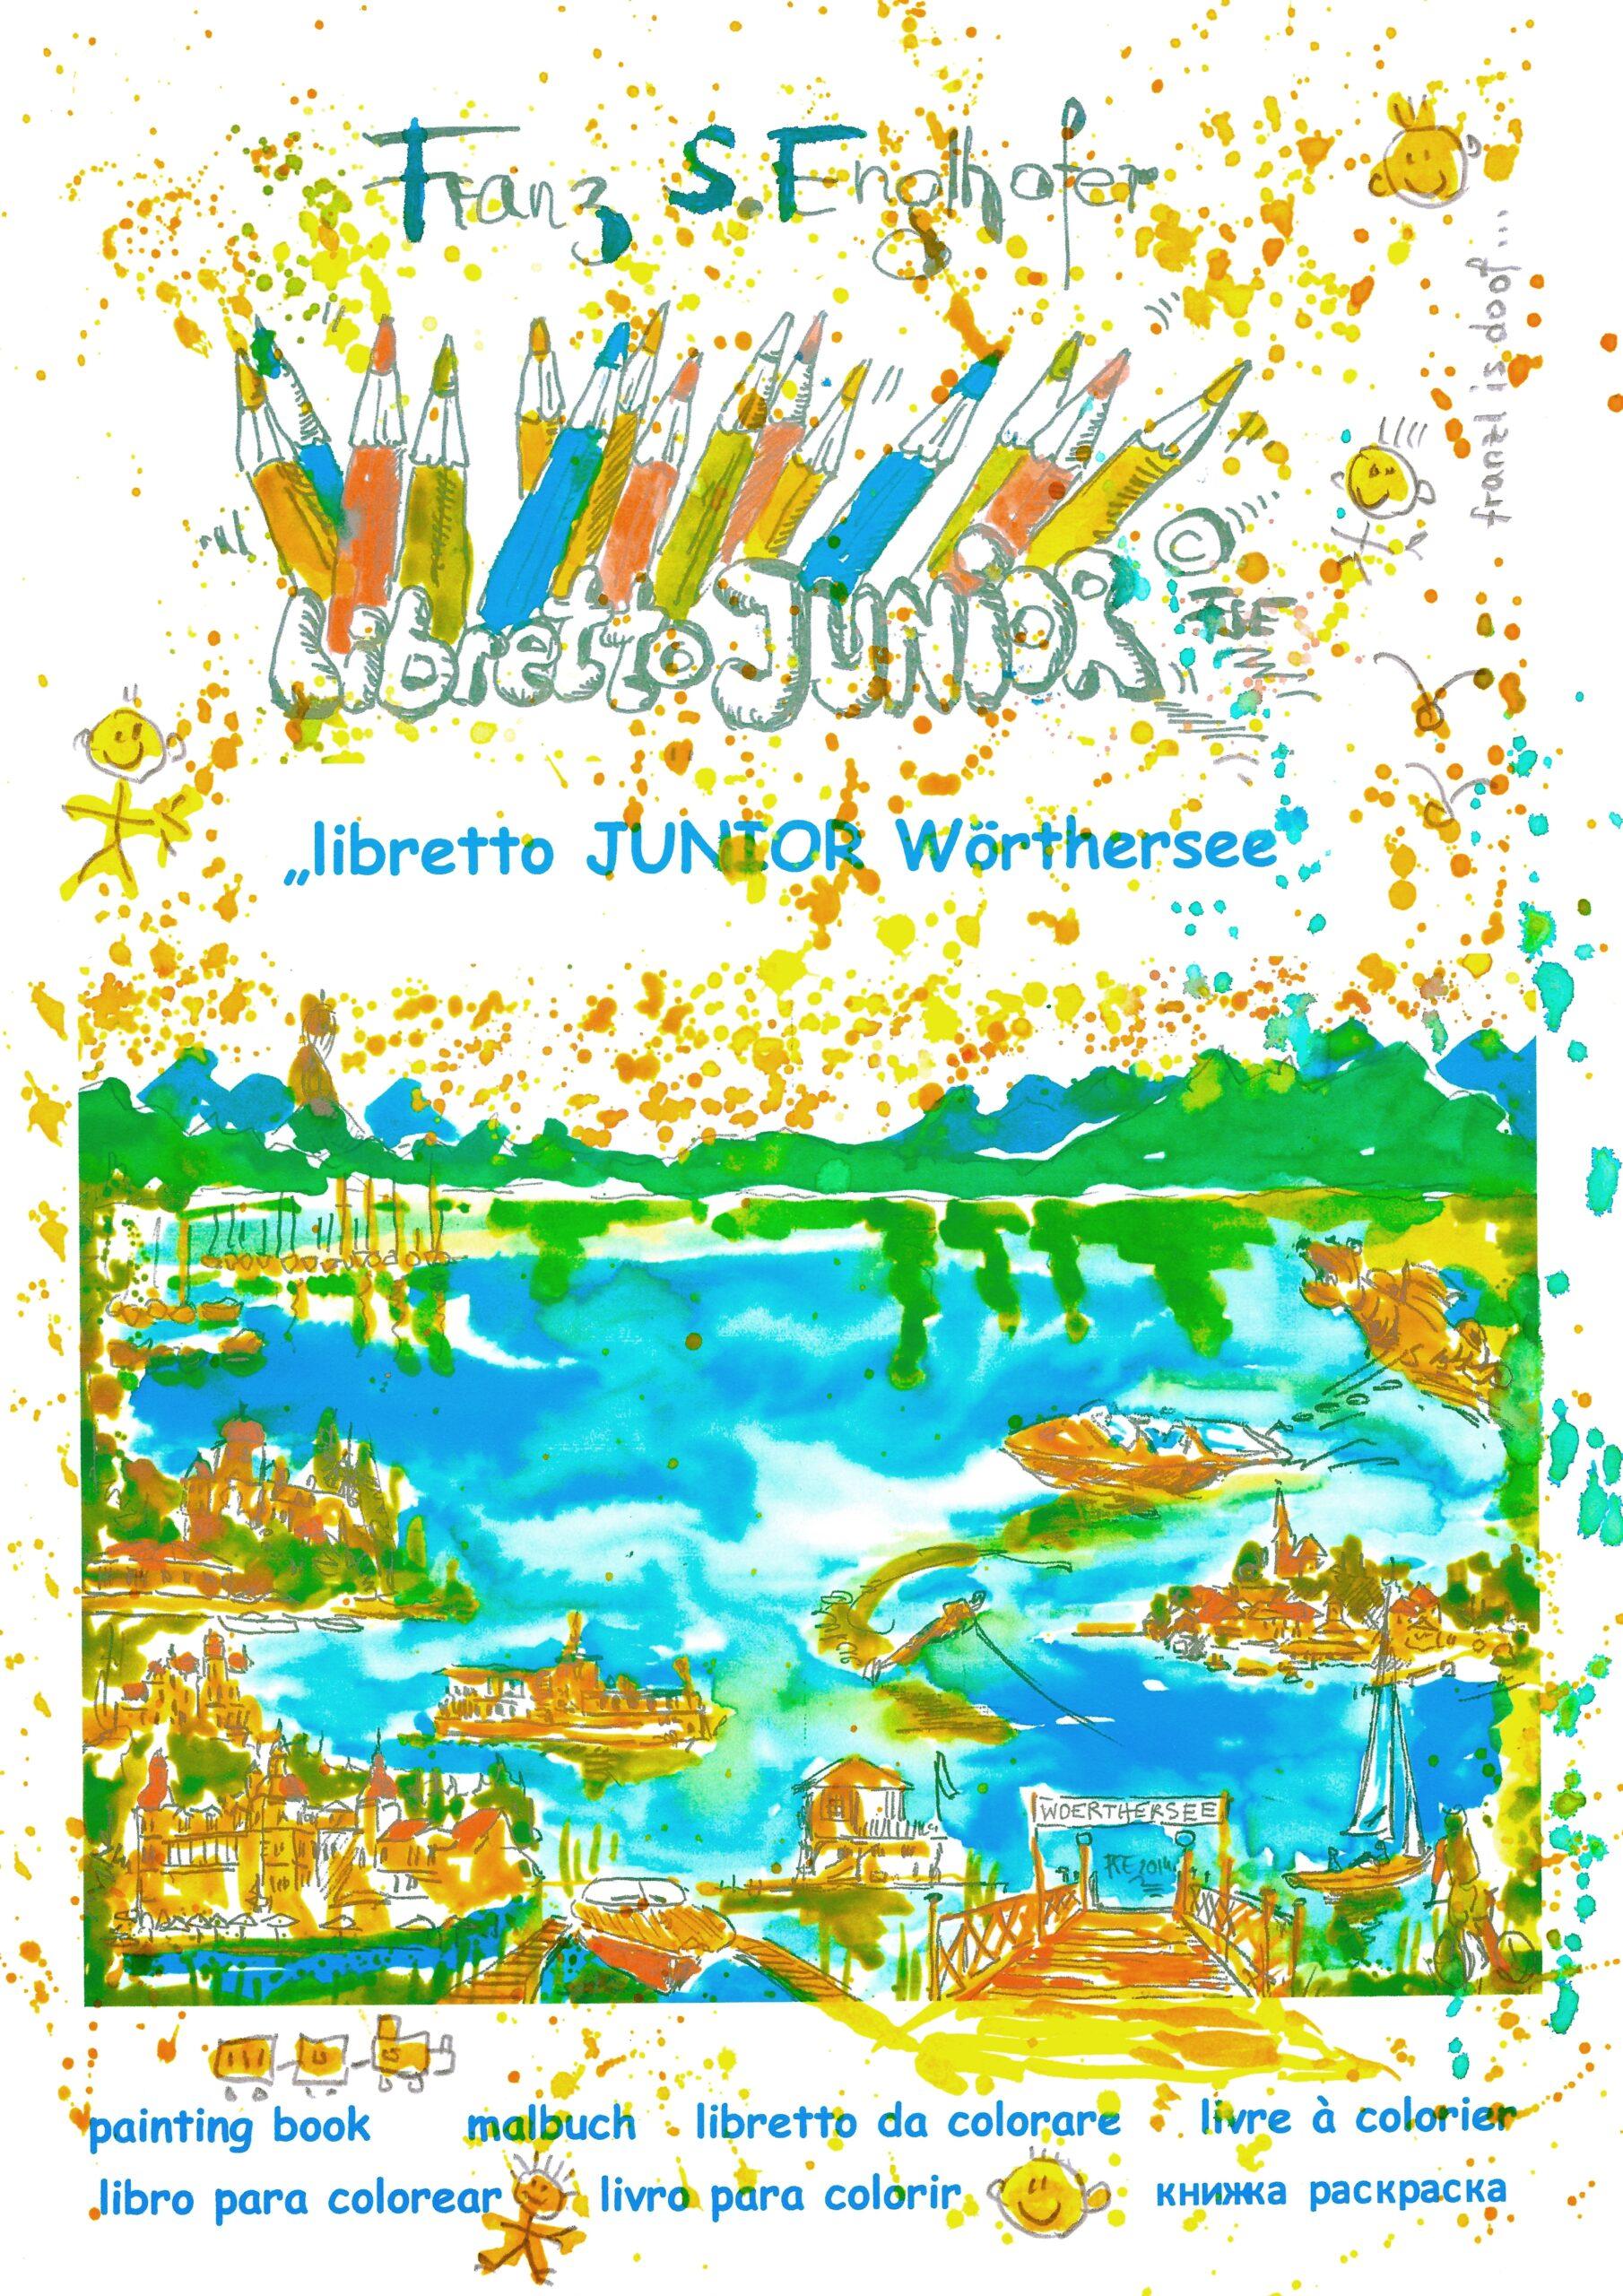 Full Size of Schlafstudio Helm Preise Libretto Junior Kindermalbuch Wohnzimmer Schlafstudio Helm